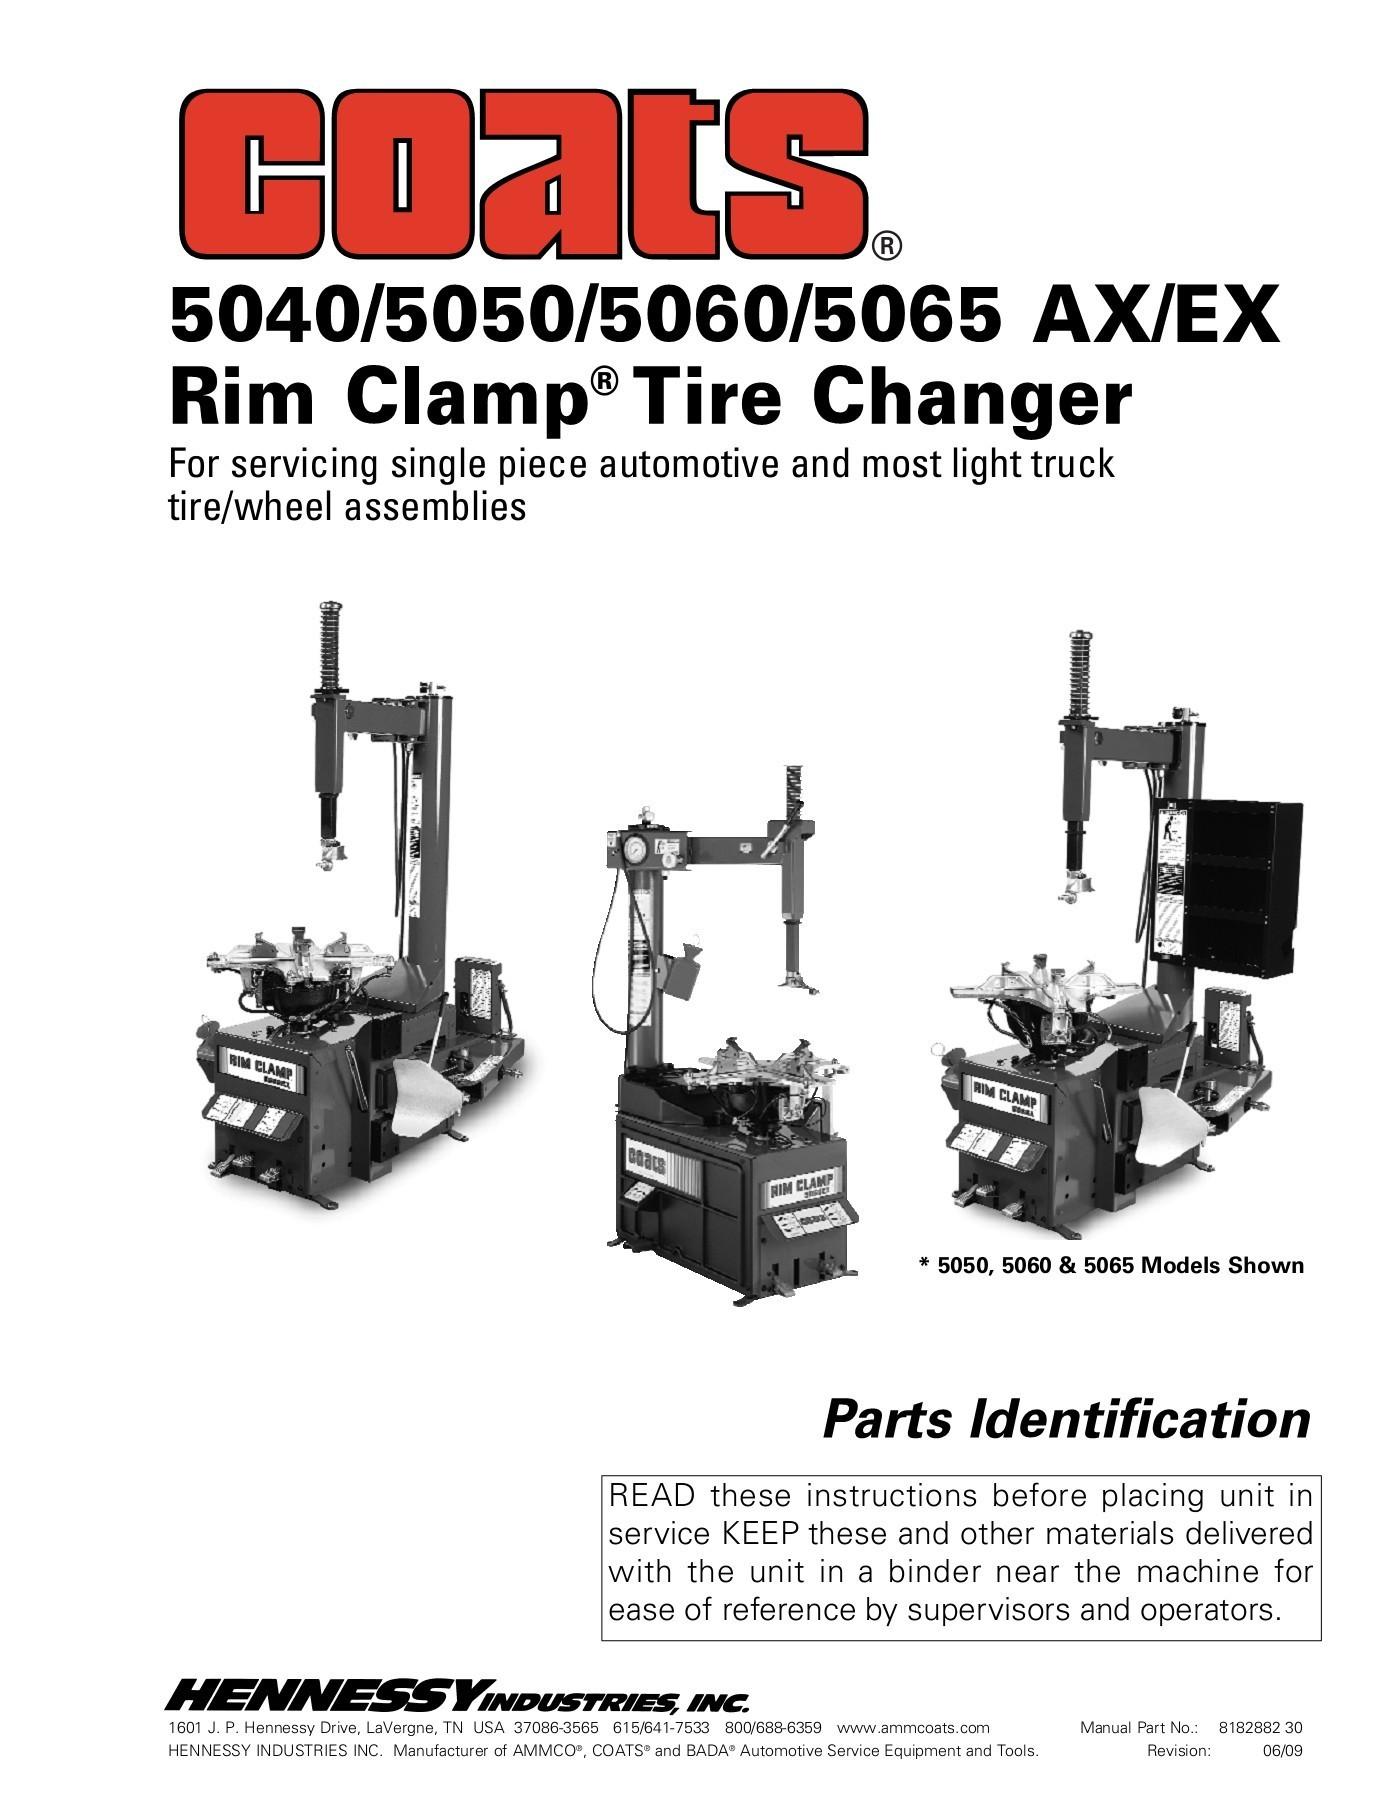 Coats Tire Machine Parts Diagram 5040 5050 5060 5065 Ax Ex Rim Clamp Tire Changer Pages 1 24 Text Of Coats Tire Machine Parts Diagram